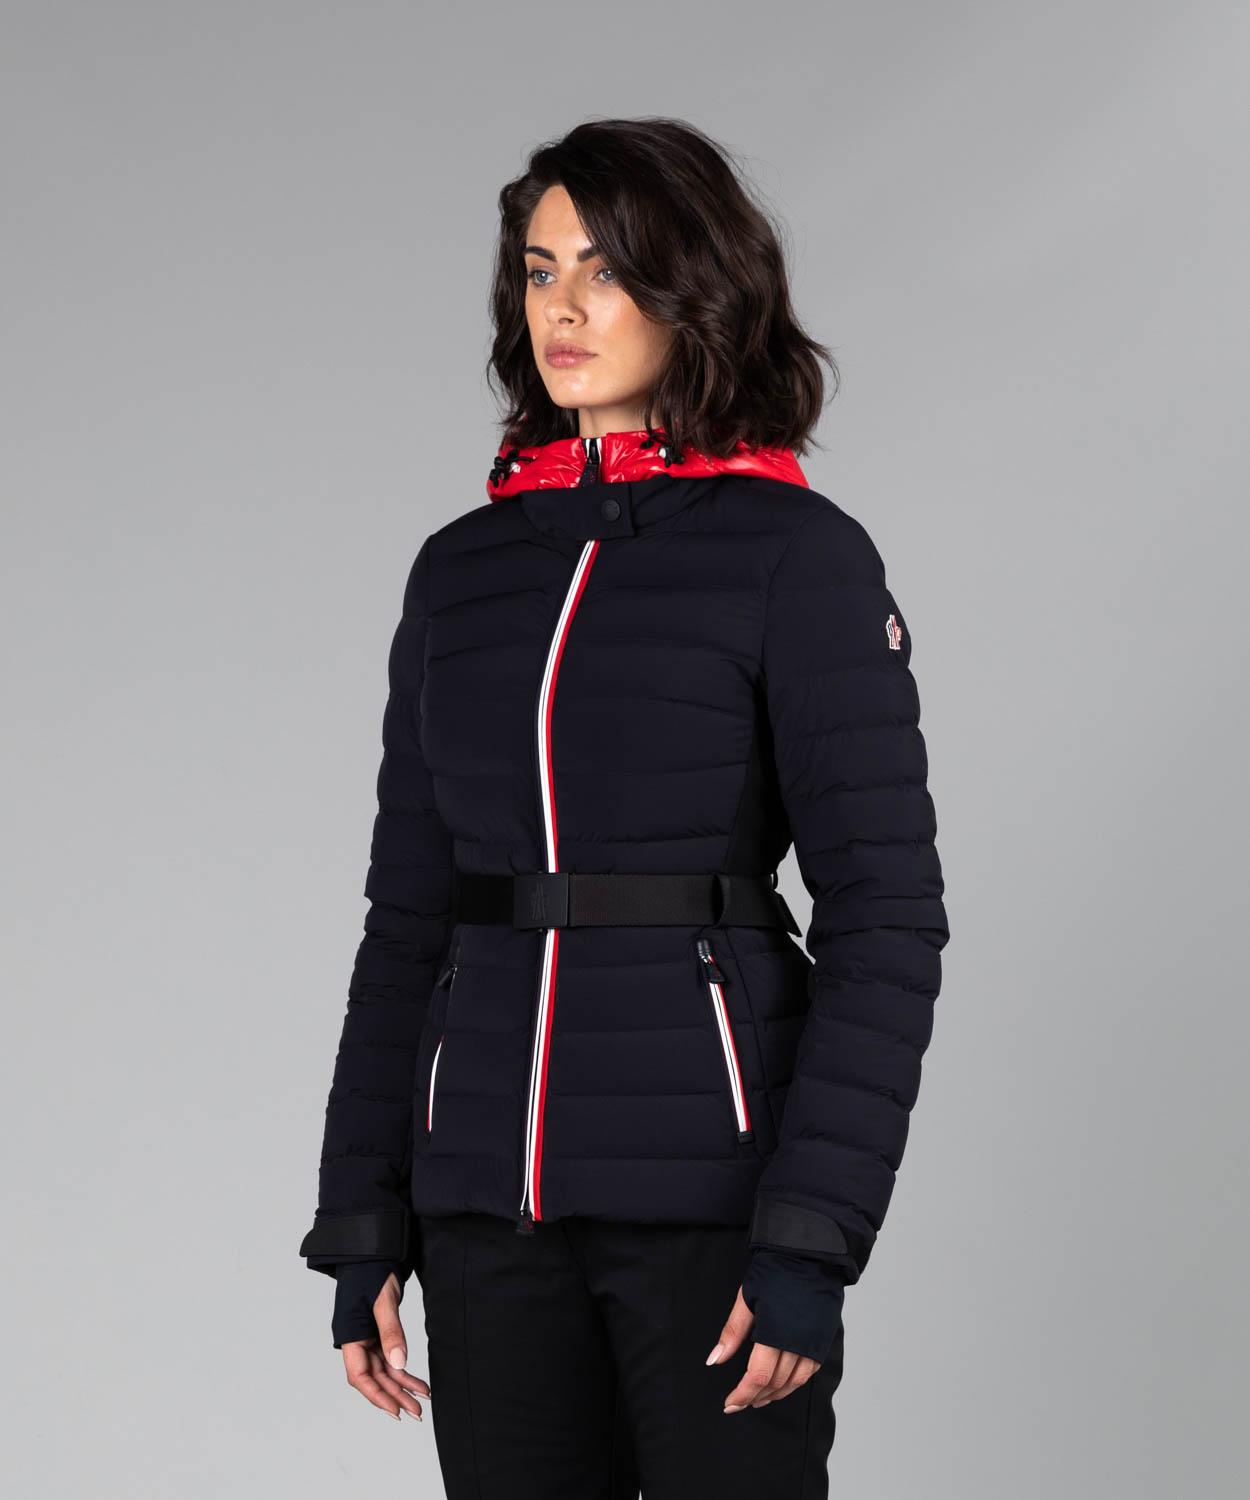 Women's Bruche Down Ski Jacket